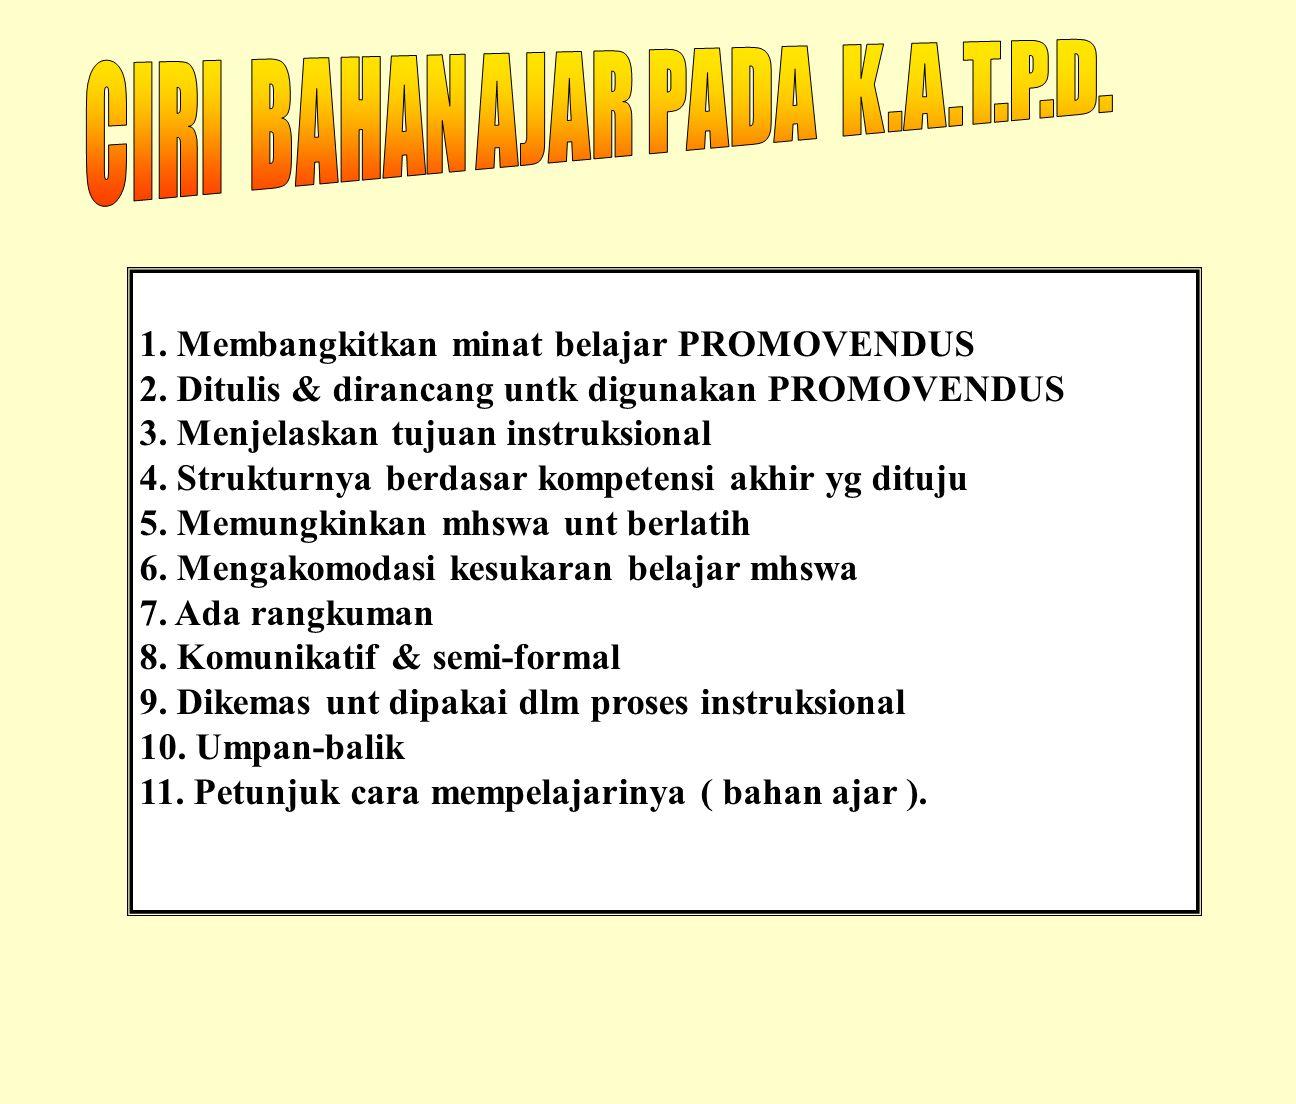 CIRI BAHAN AJAR PADA K.A.T.P.D.